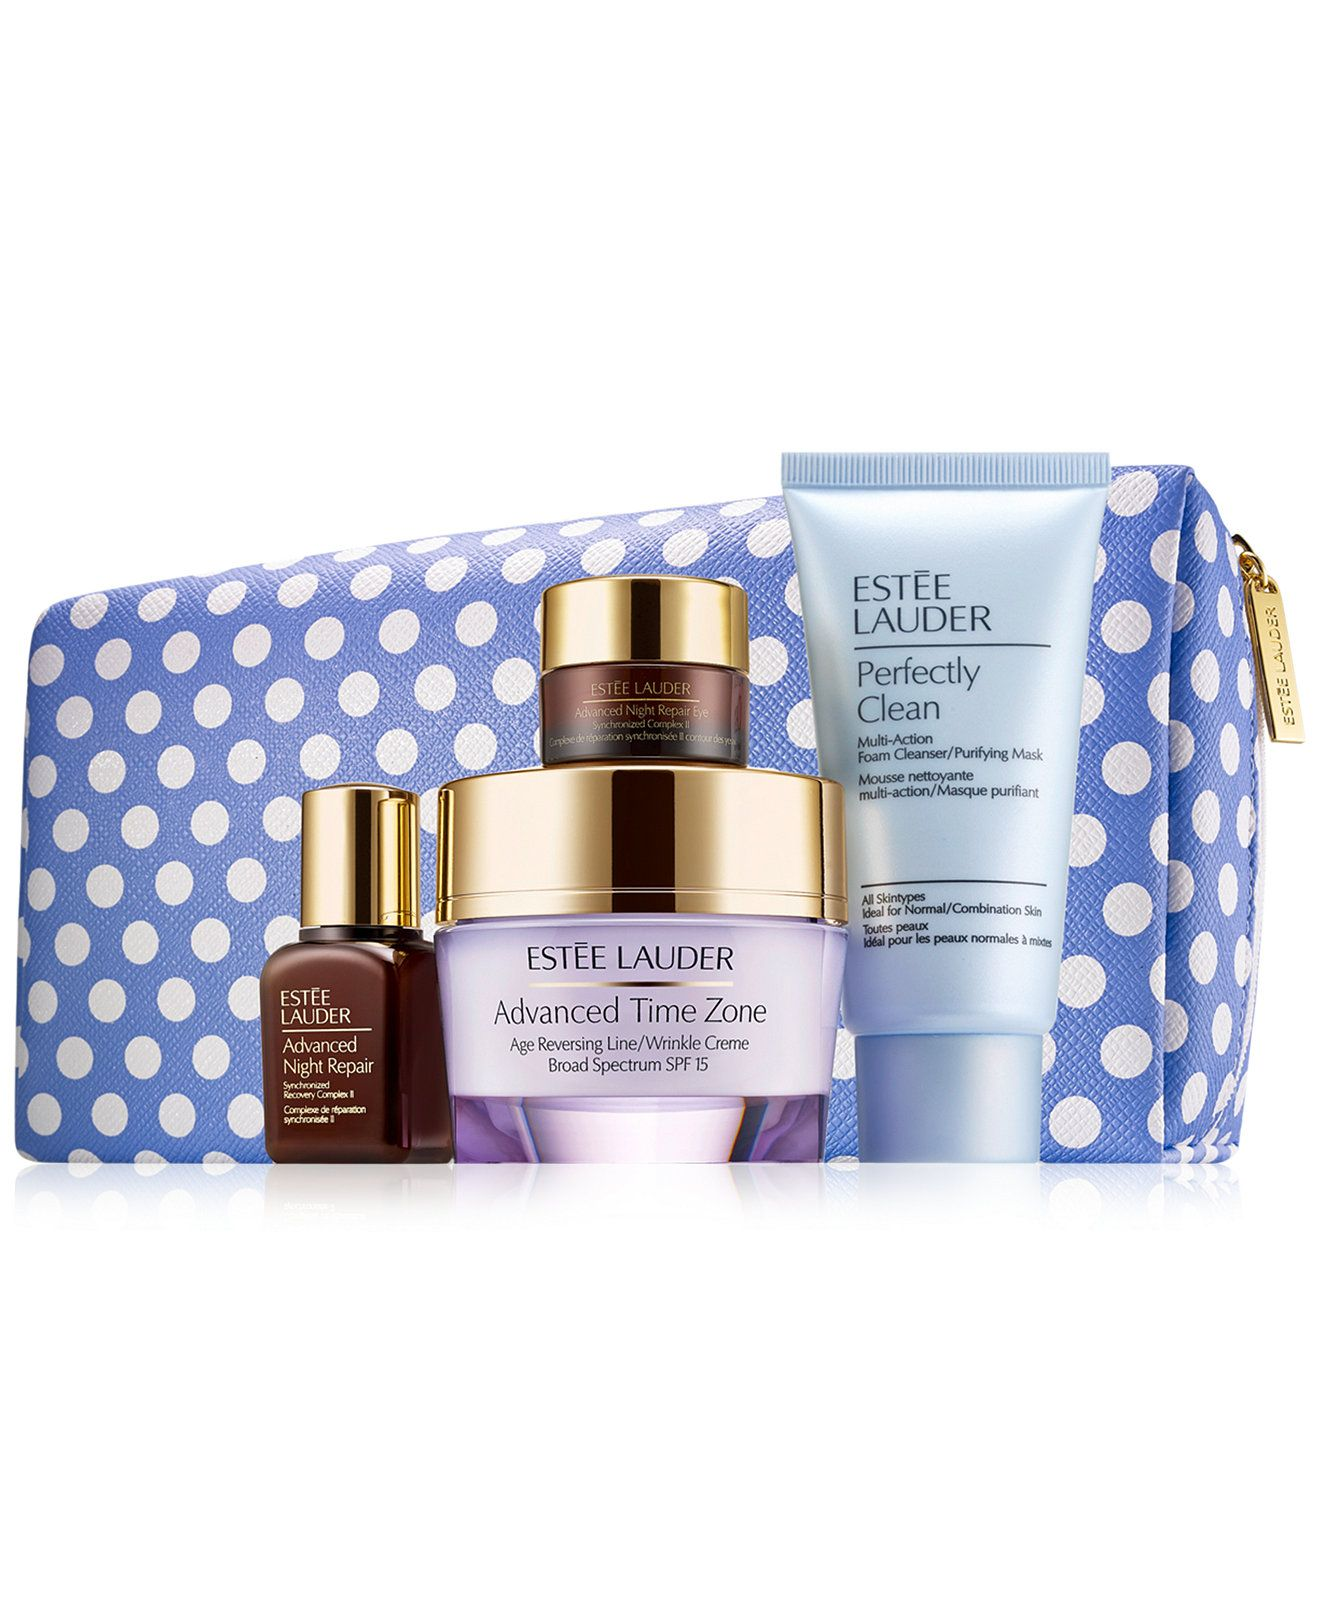 Estée Lauder AntiWrinkle Set Gifts & Value Sets